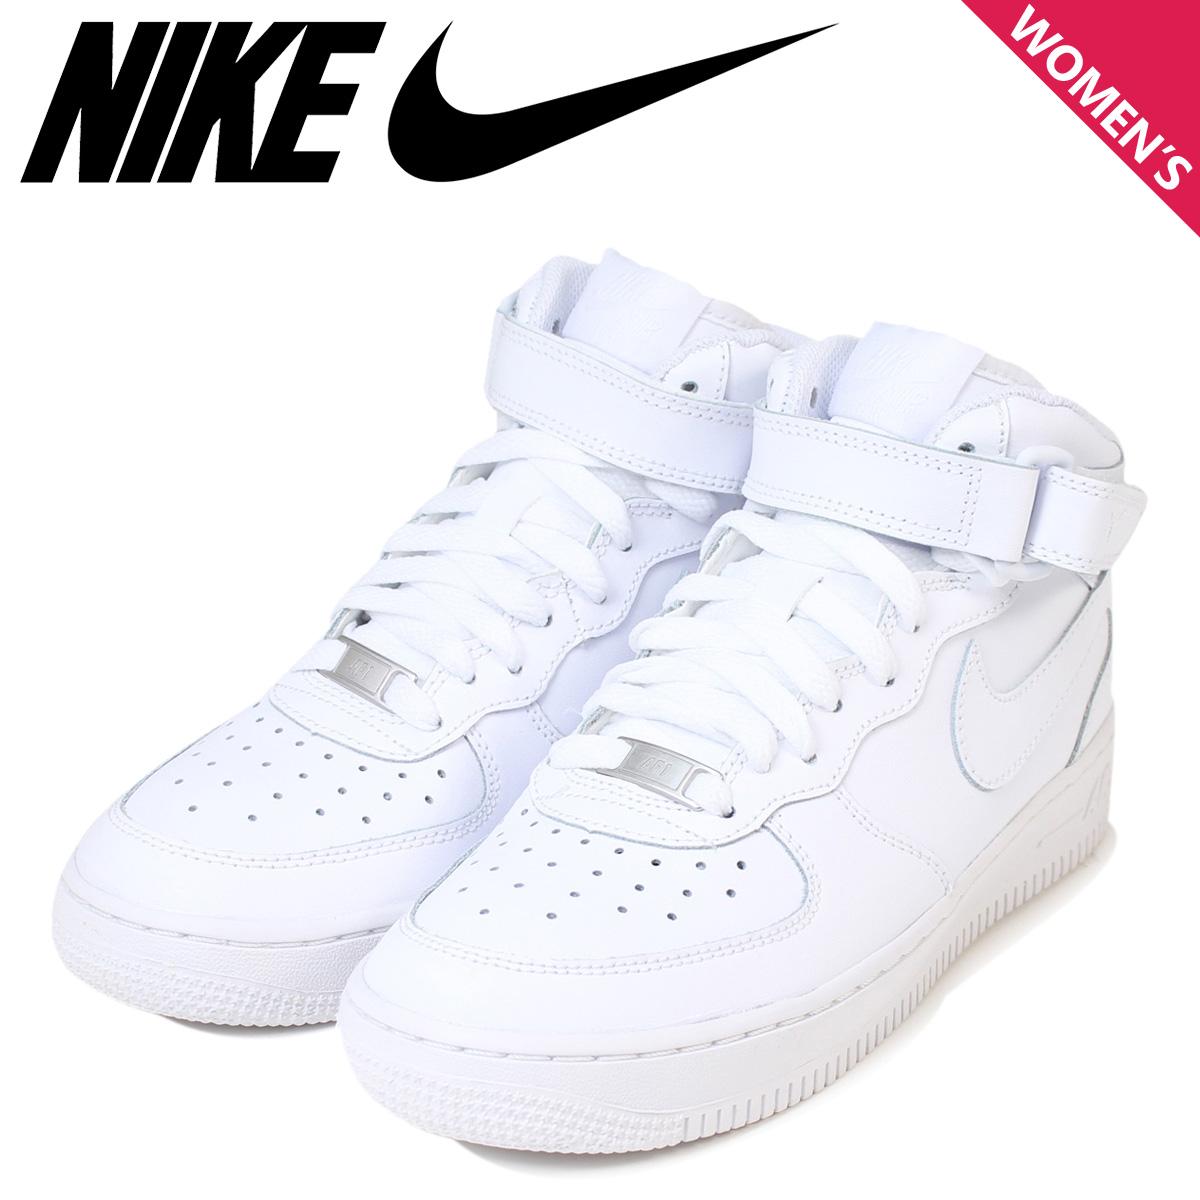 Nike Air Force 1 Pour Les Filles